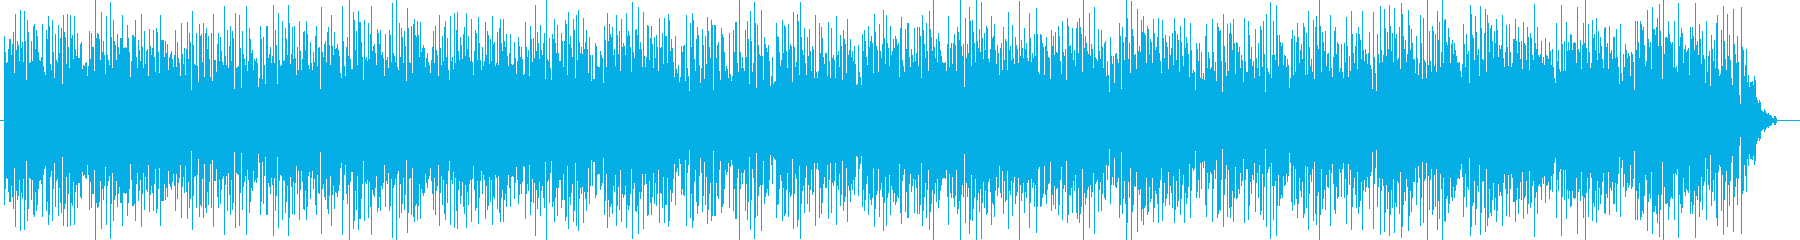 軽快でスタイリッシュなストリングスポップの再生済みの波形